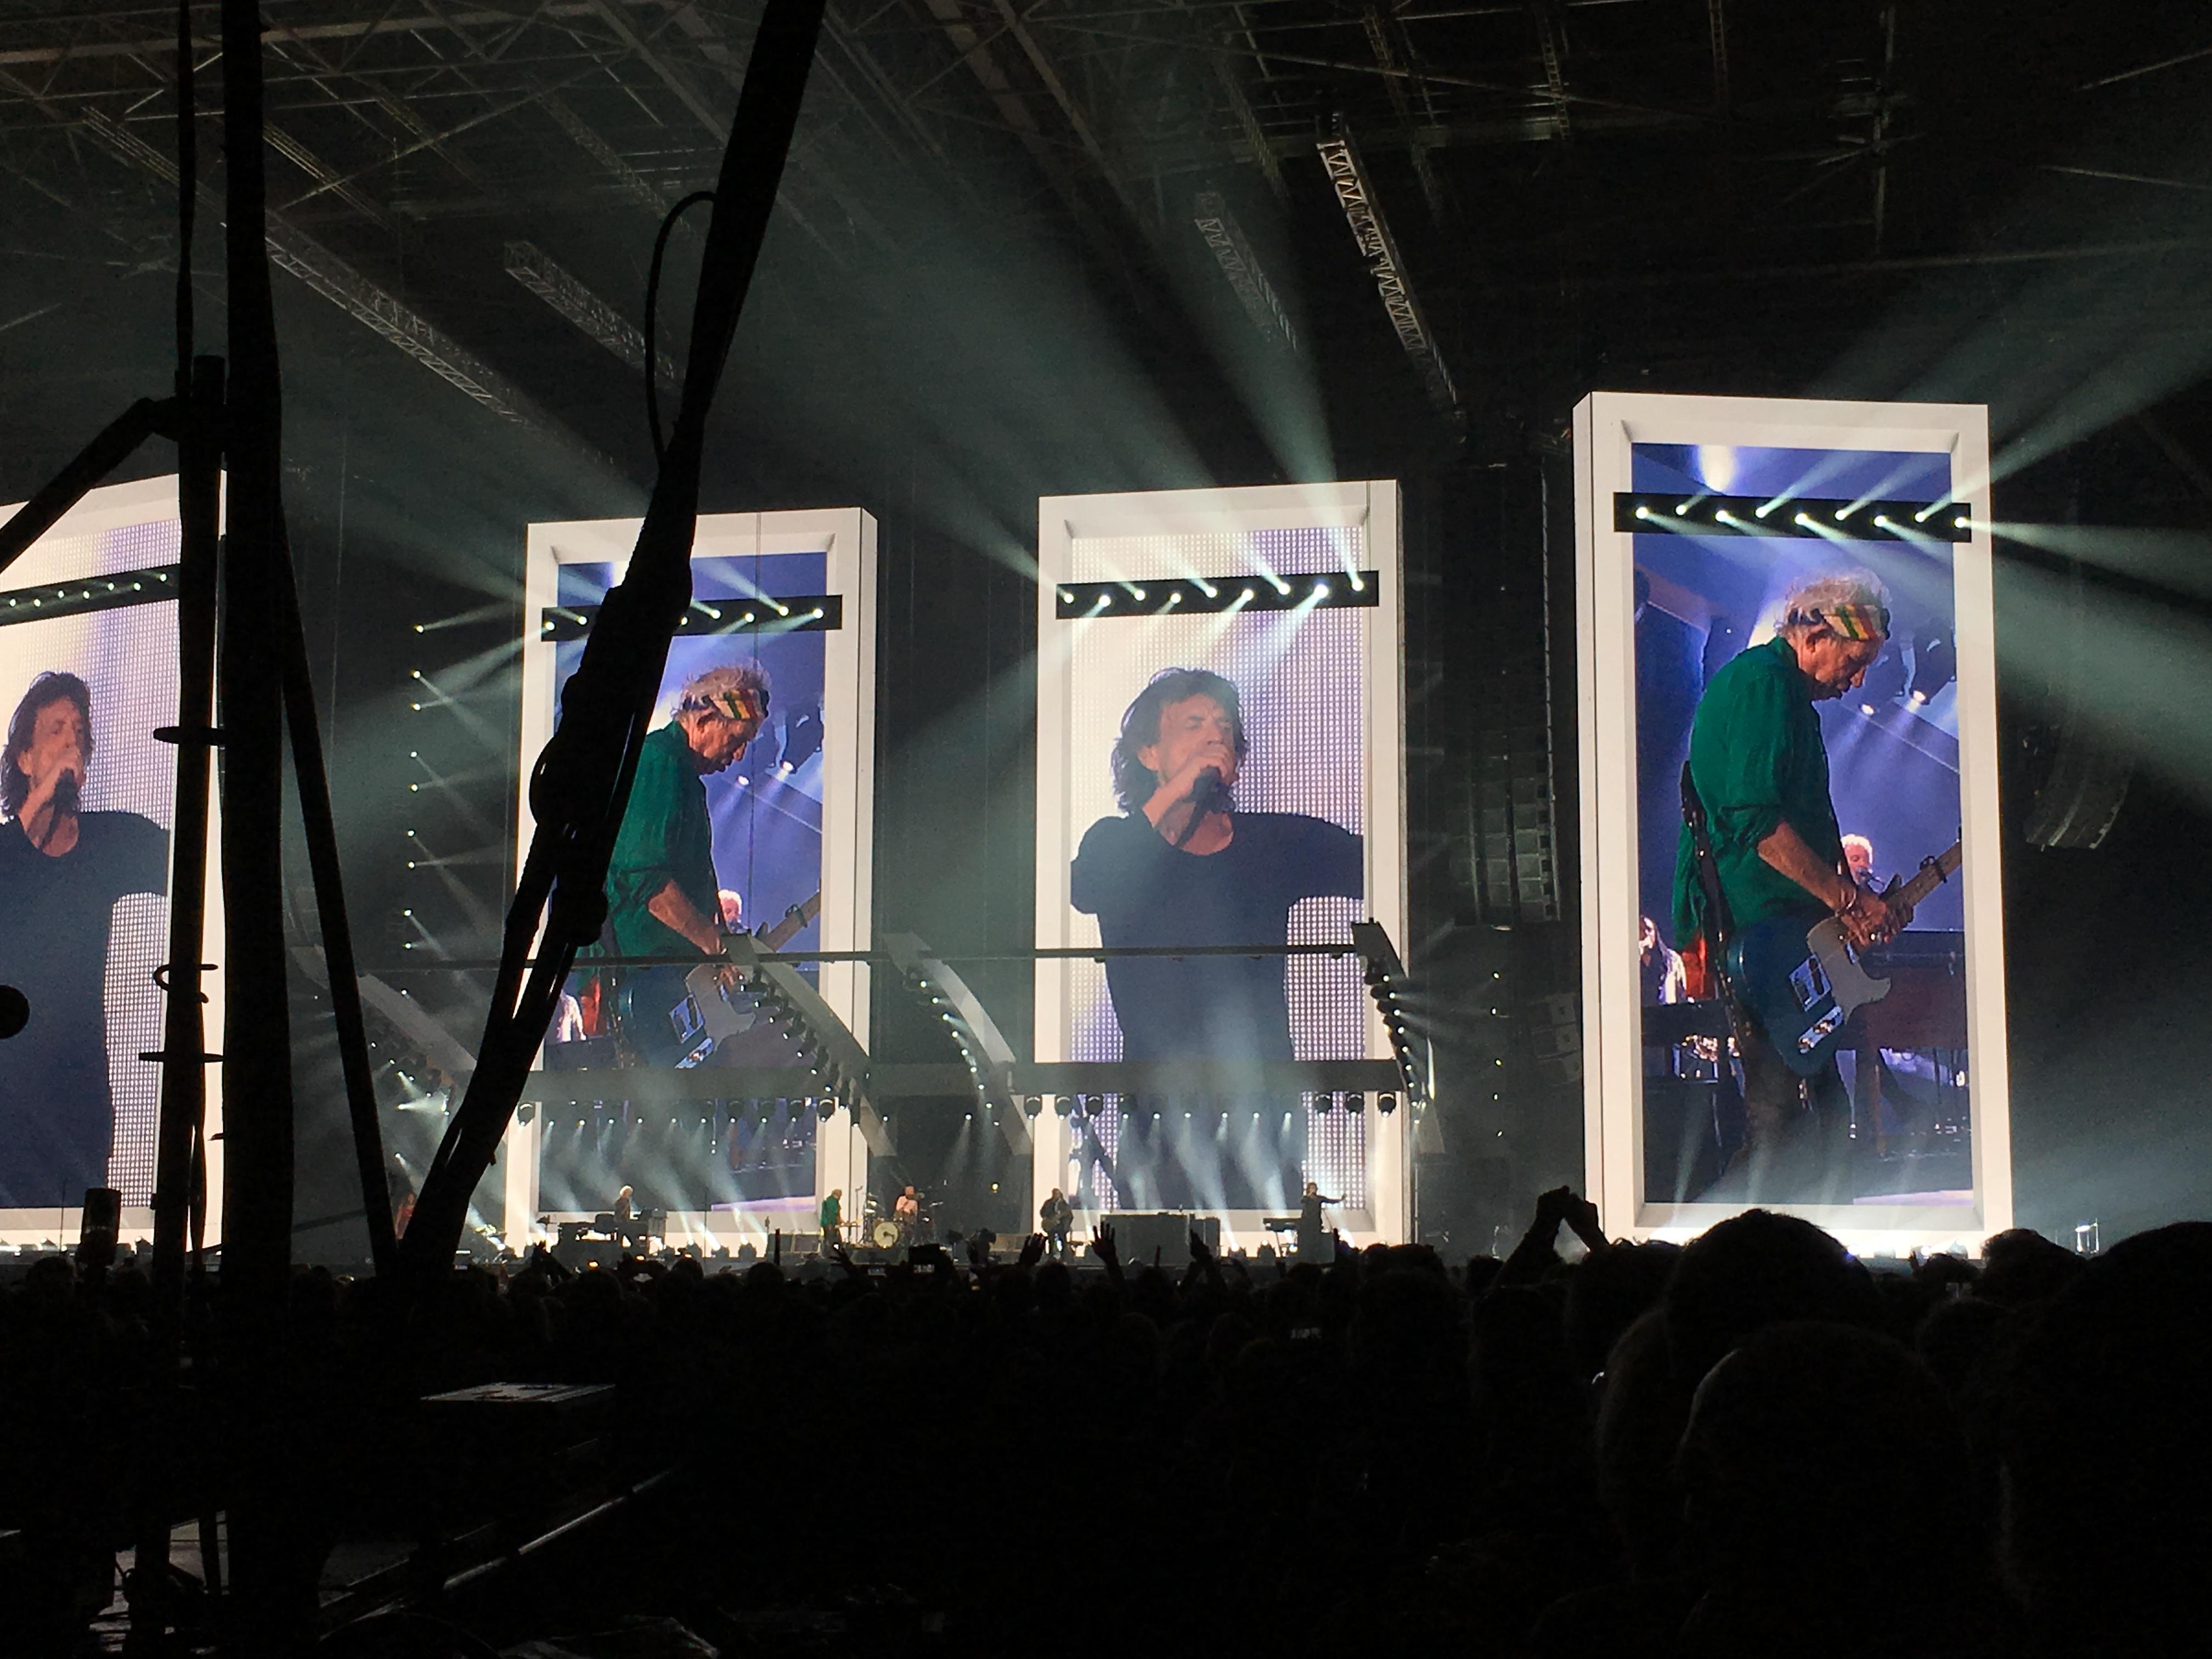 """Concertreview: """"Heb je even voor mij!"""" – The Rolling Stones in de Gelredome, Arnhem, NL"""